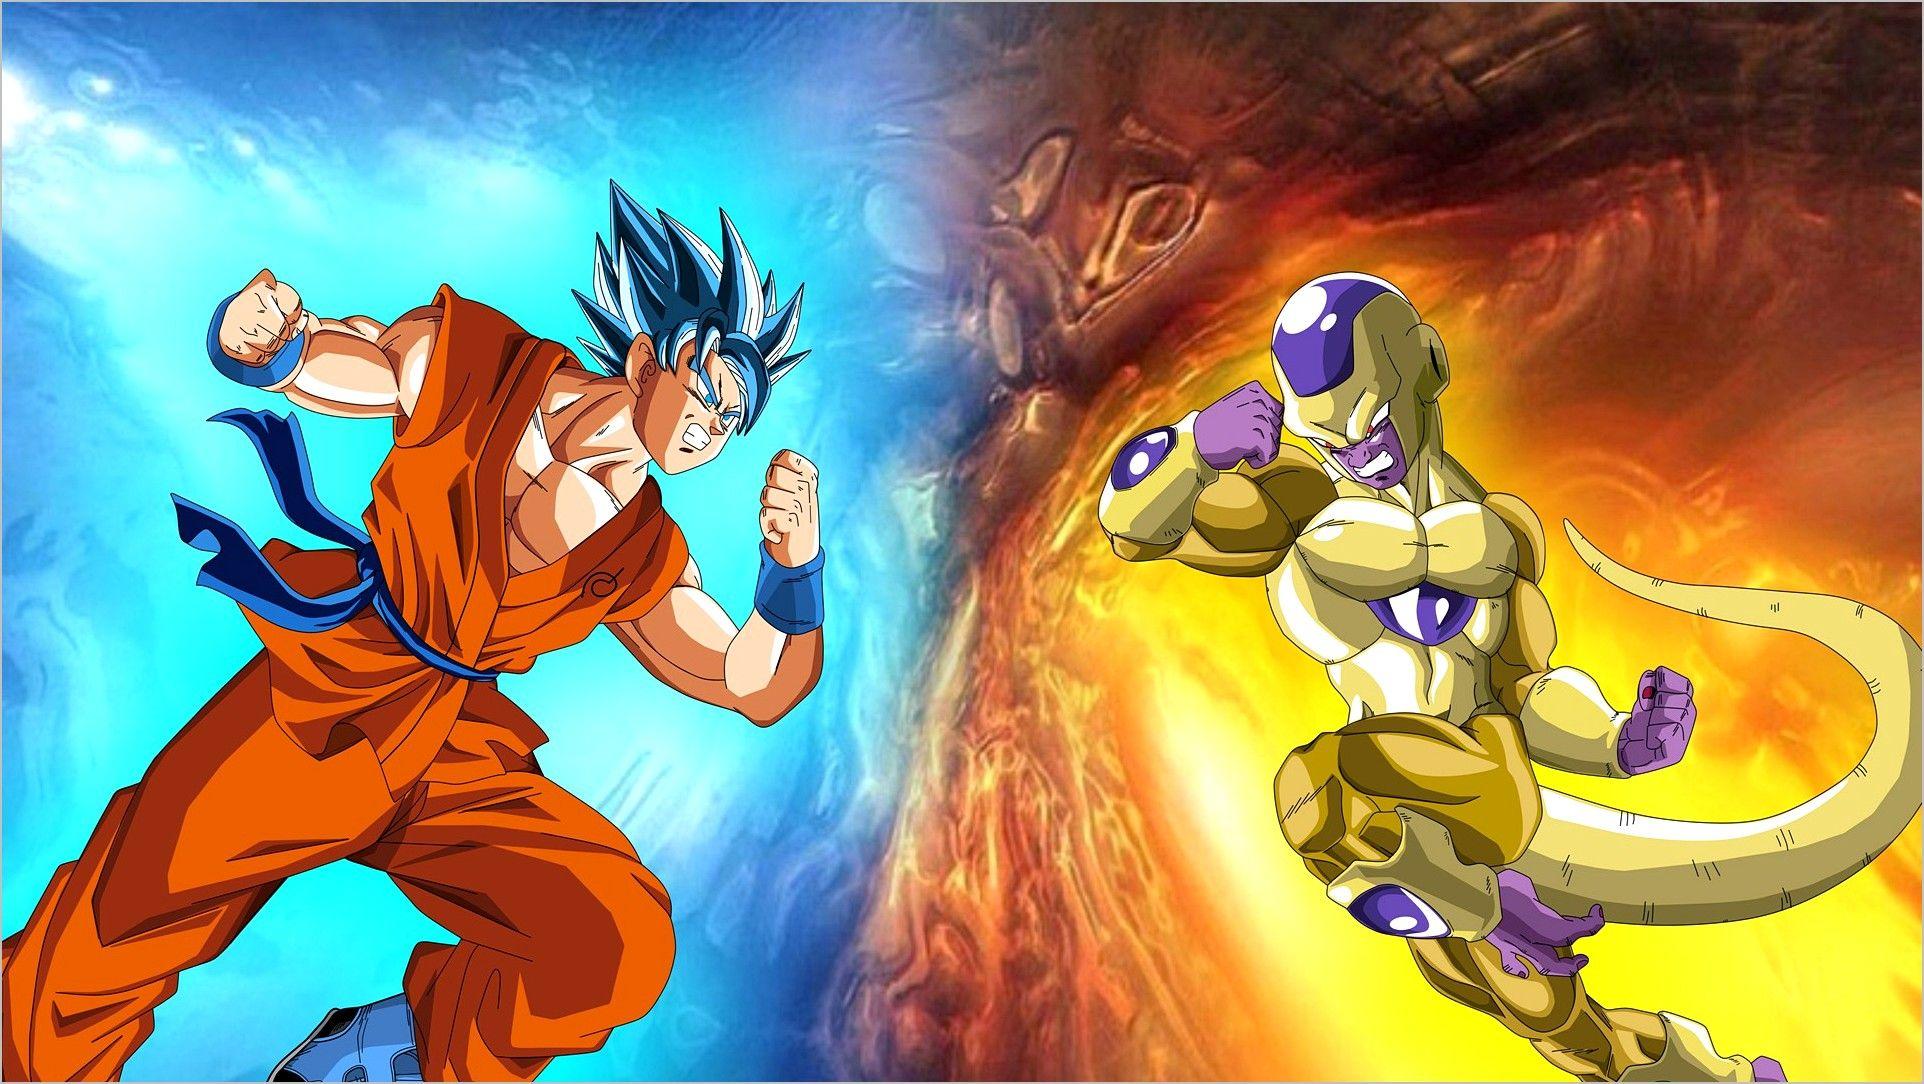 Goku Vs Frieza Wallpaper 4k Goku Vs Goku Vs Frieza Goku